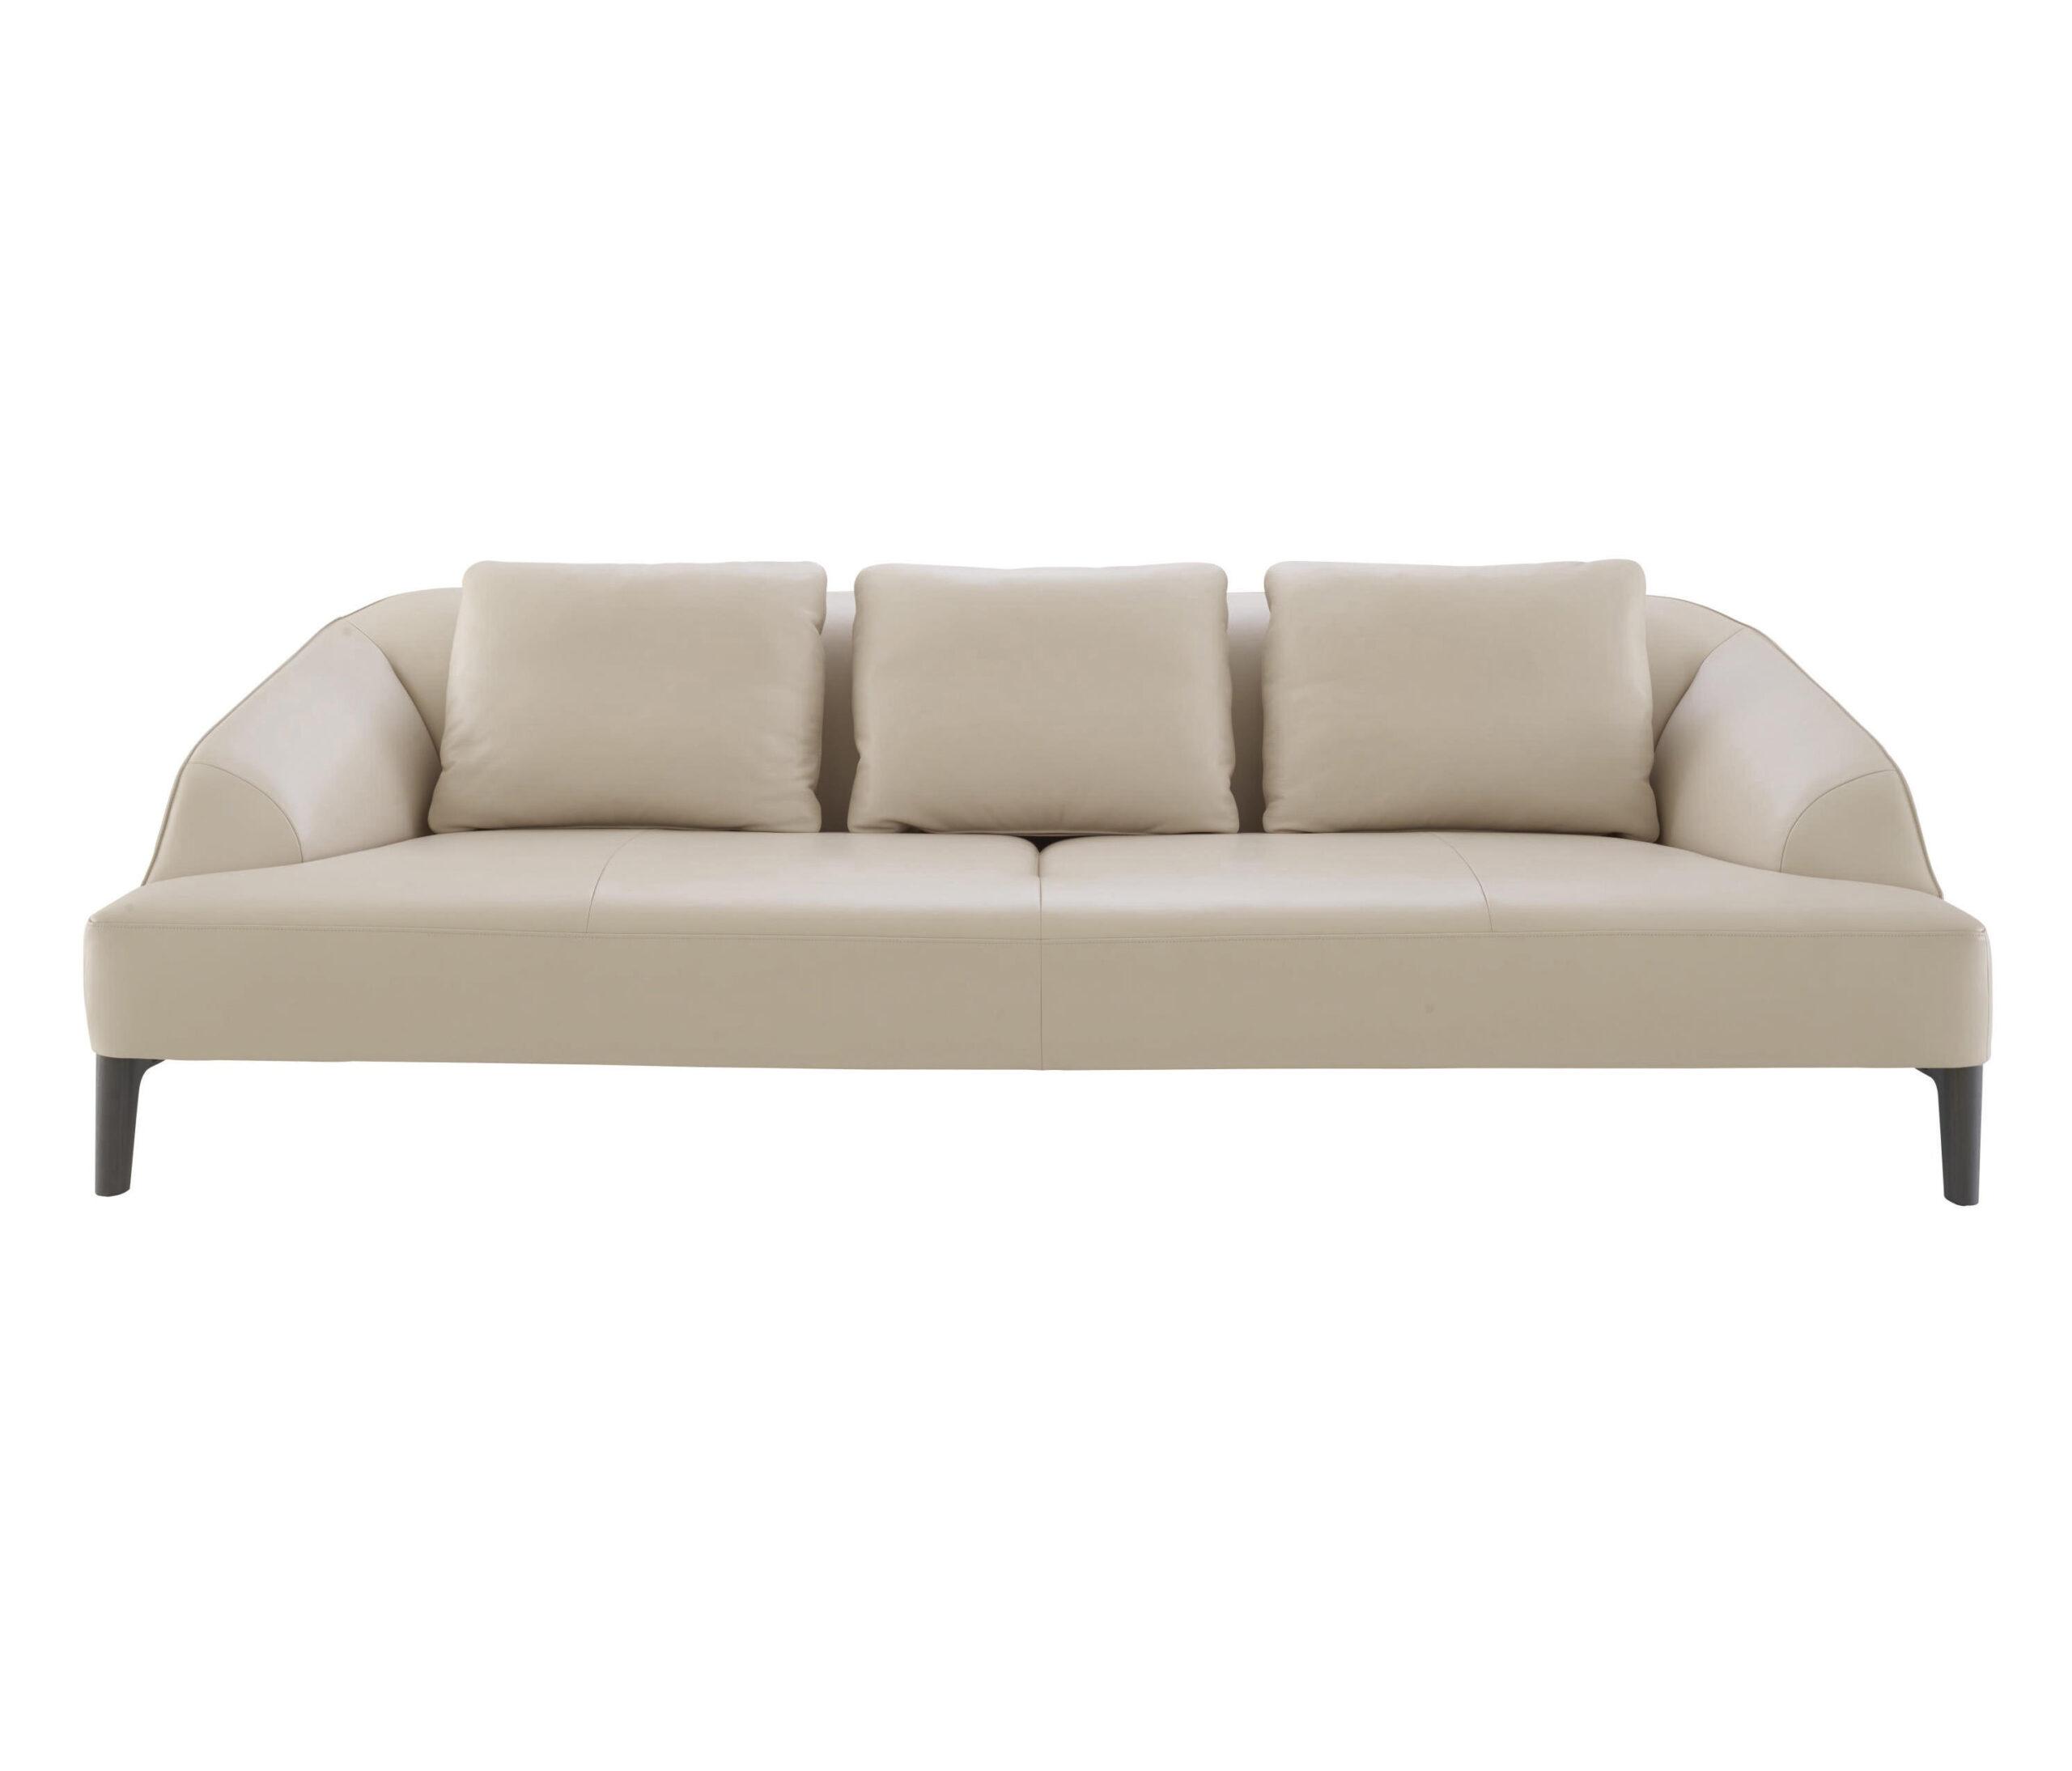 Full Size of Ligne Roset Sofa Bed For Sale Cover Multy Feng Ruche Couch Uk Togo Replica Sintra 3 Sitzer Komplettes Element Niedrige Rckenkissen Bullfrog Blau Schillig Sofa Ligne Roset Sofa